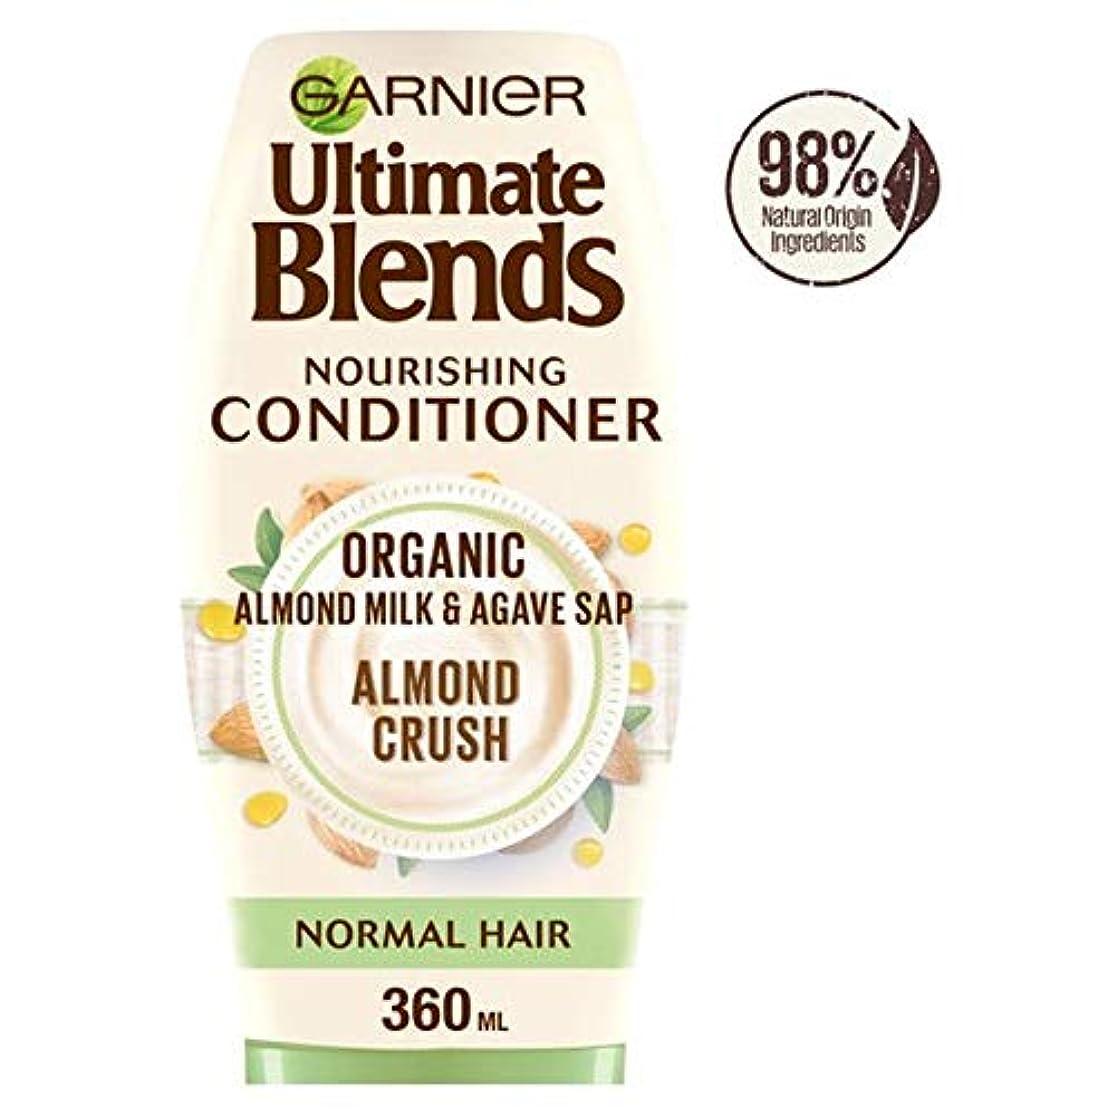 困惑したコートスコア[Ultimate Blends ] ガルニエ究極は、アーモンドミルク、通常のヘアコンディショナー360ミリリットルをブレンド - Garnier Ultimate Blends Almond Milk Normal Hair...